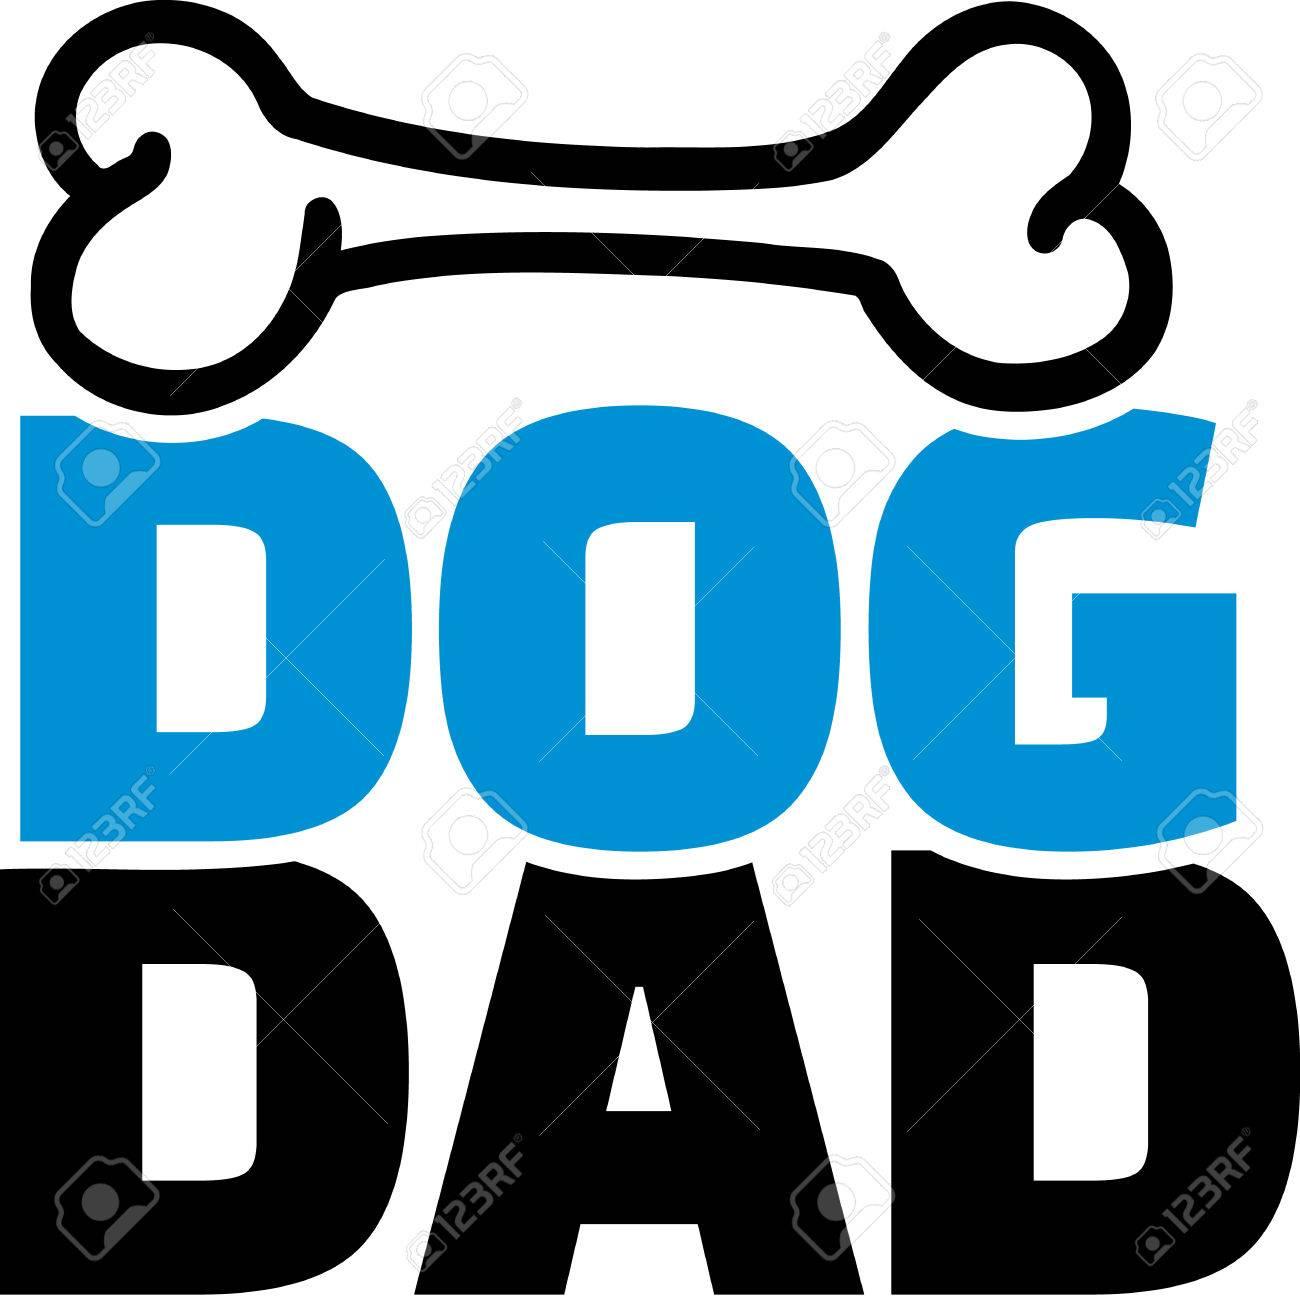 骨と犬のお父さんのイラスト素材ベクタ Image 41493285